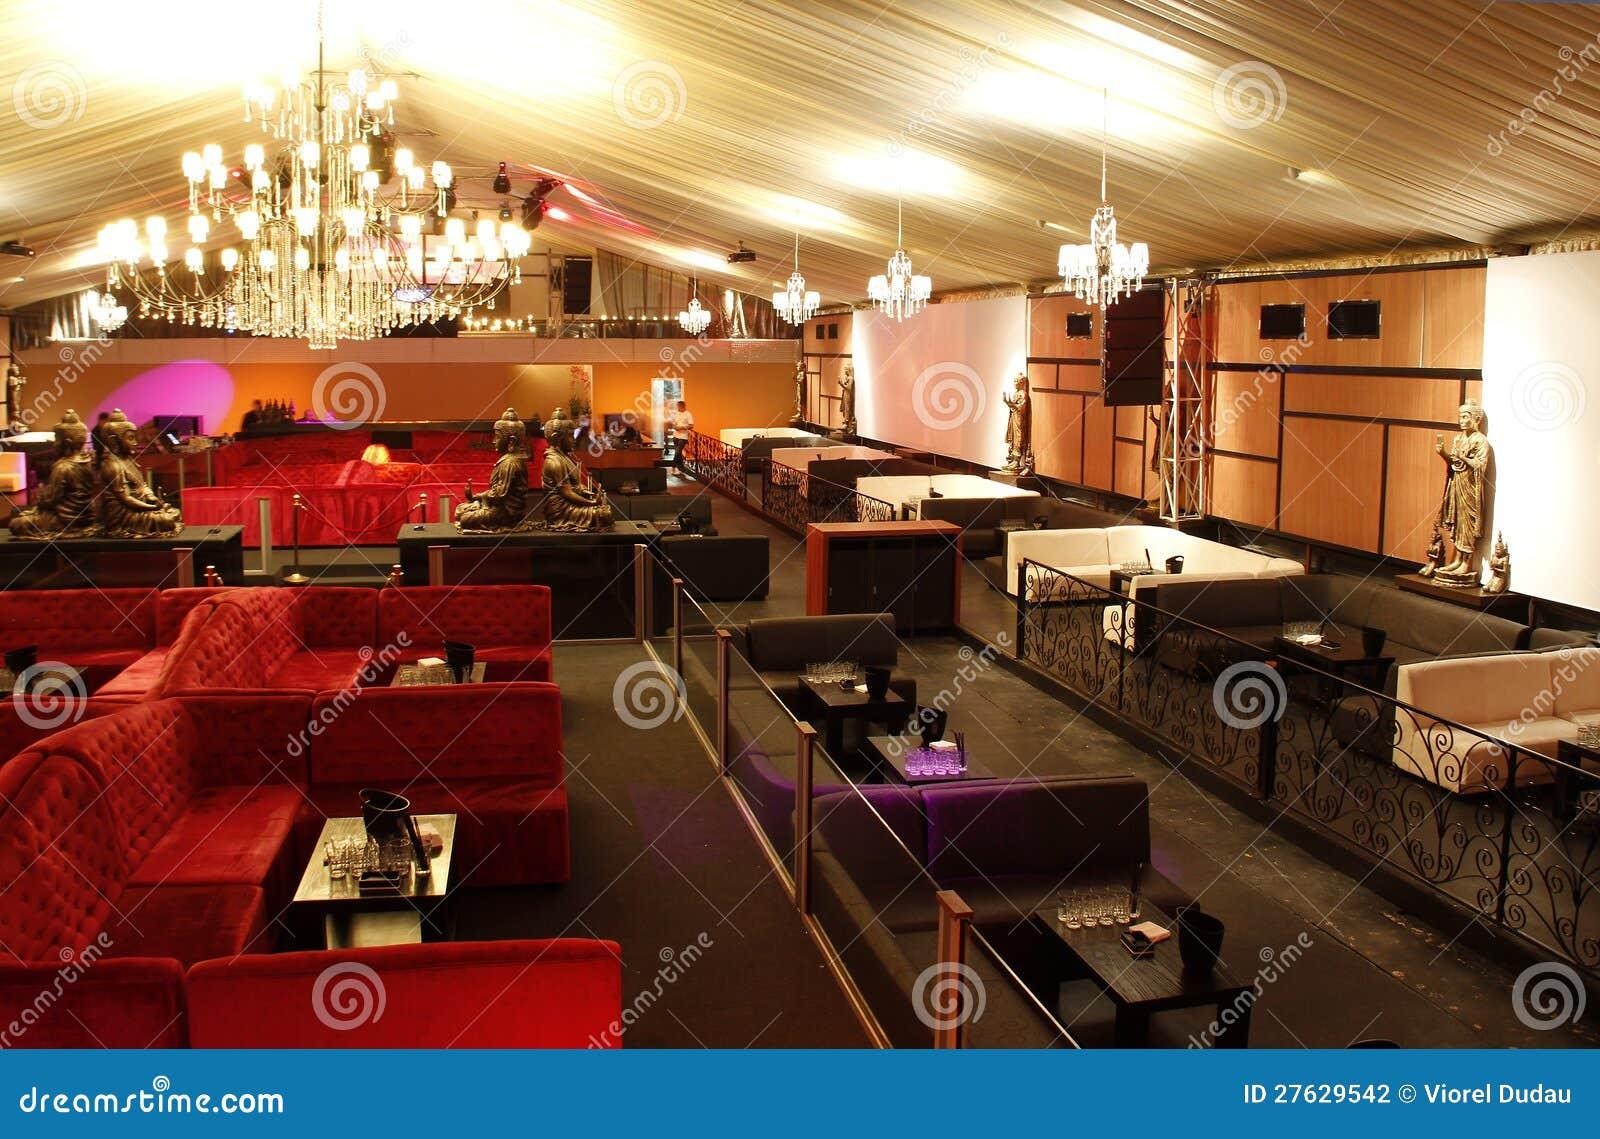 Luxury Lounge Bar Stock Photography Image 27629542